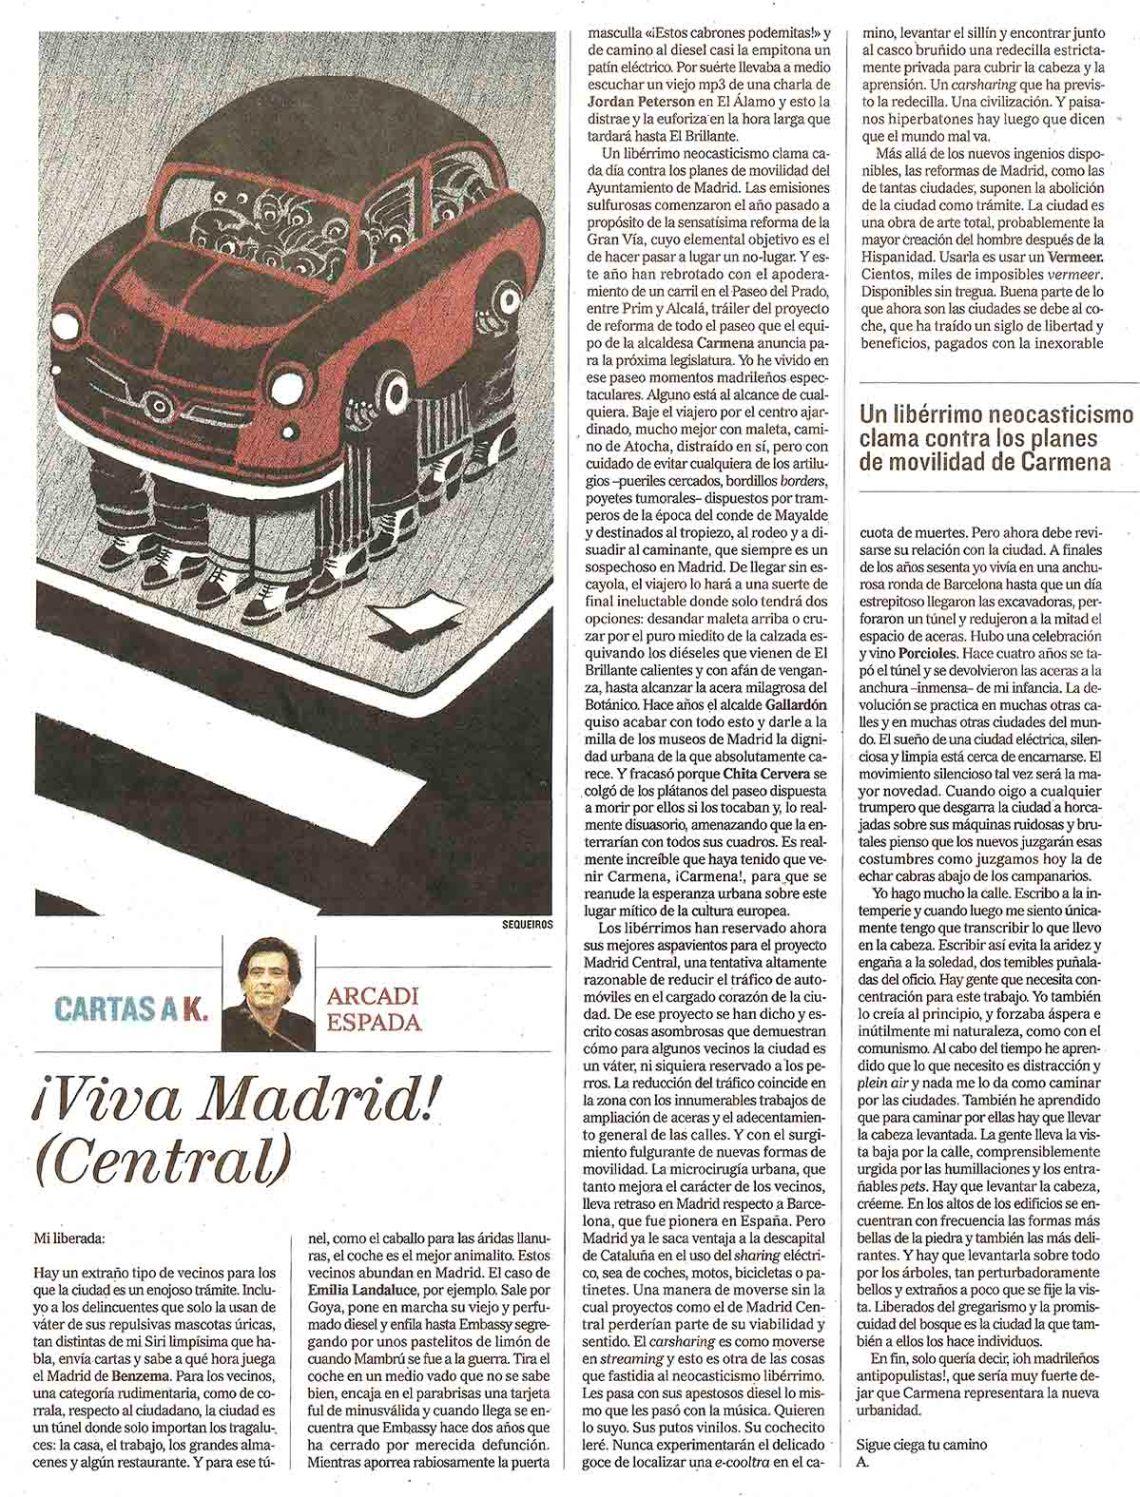 ¡Viva Madrid! (Central)